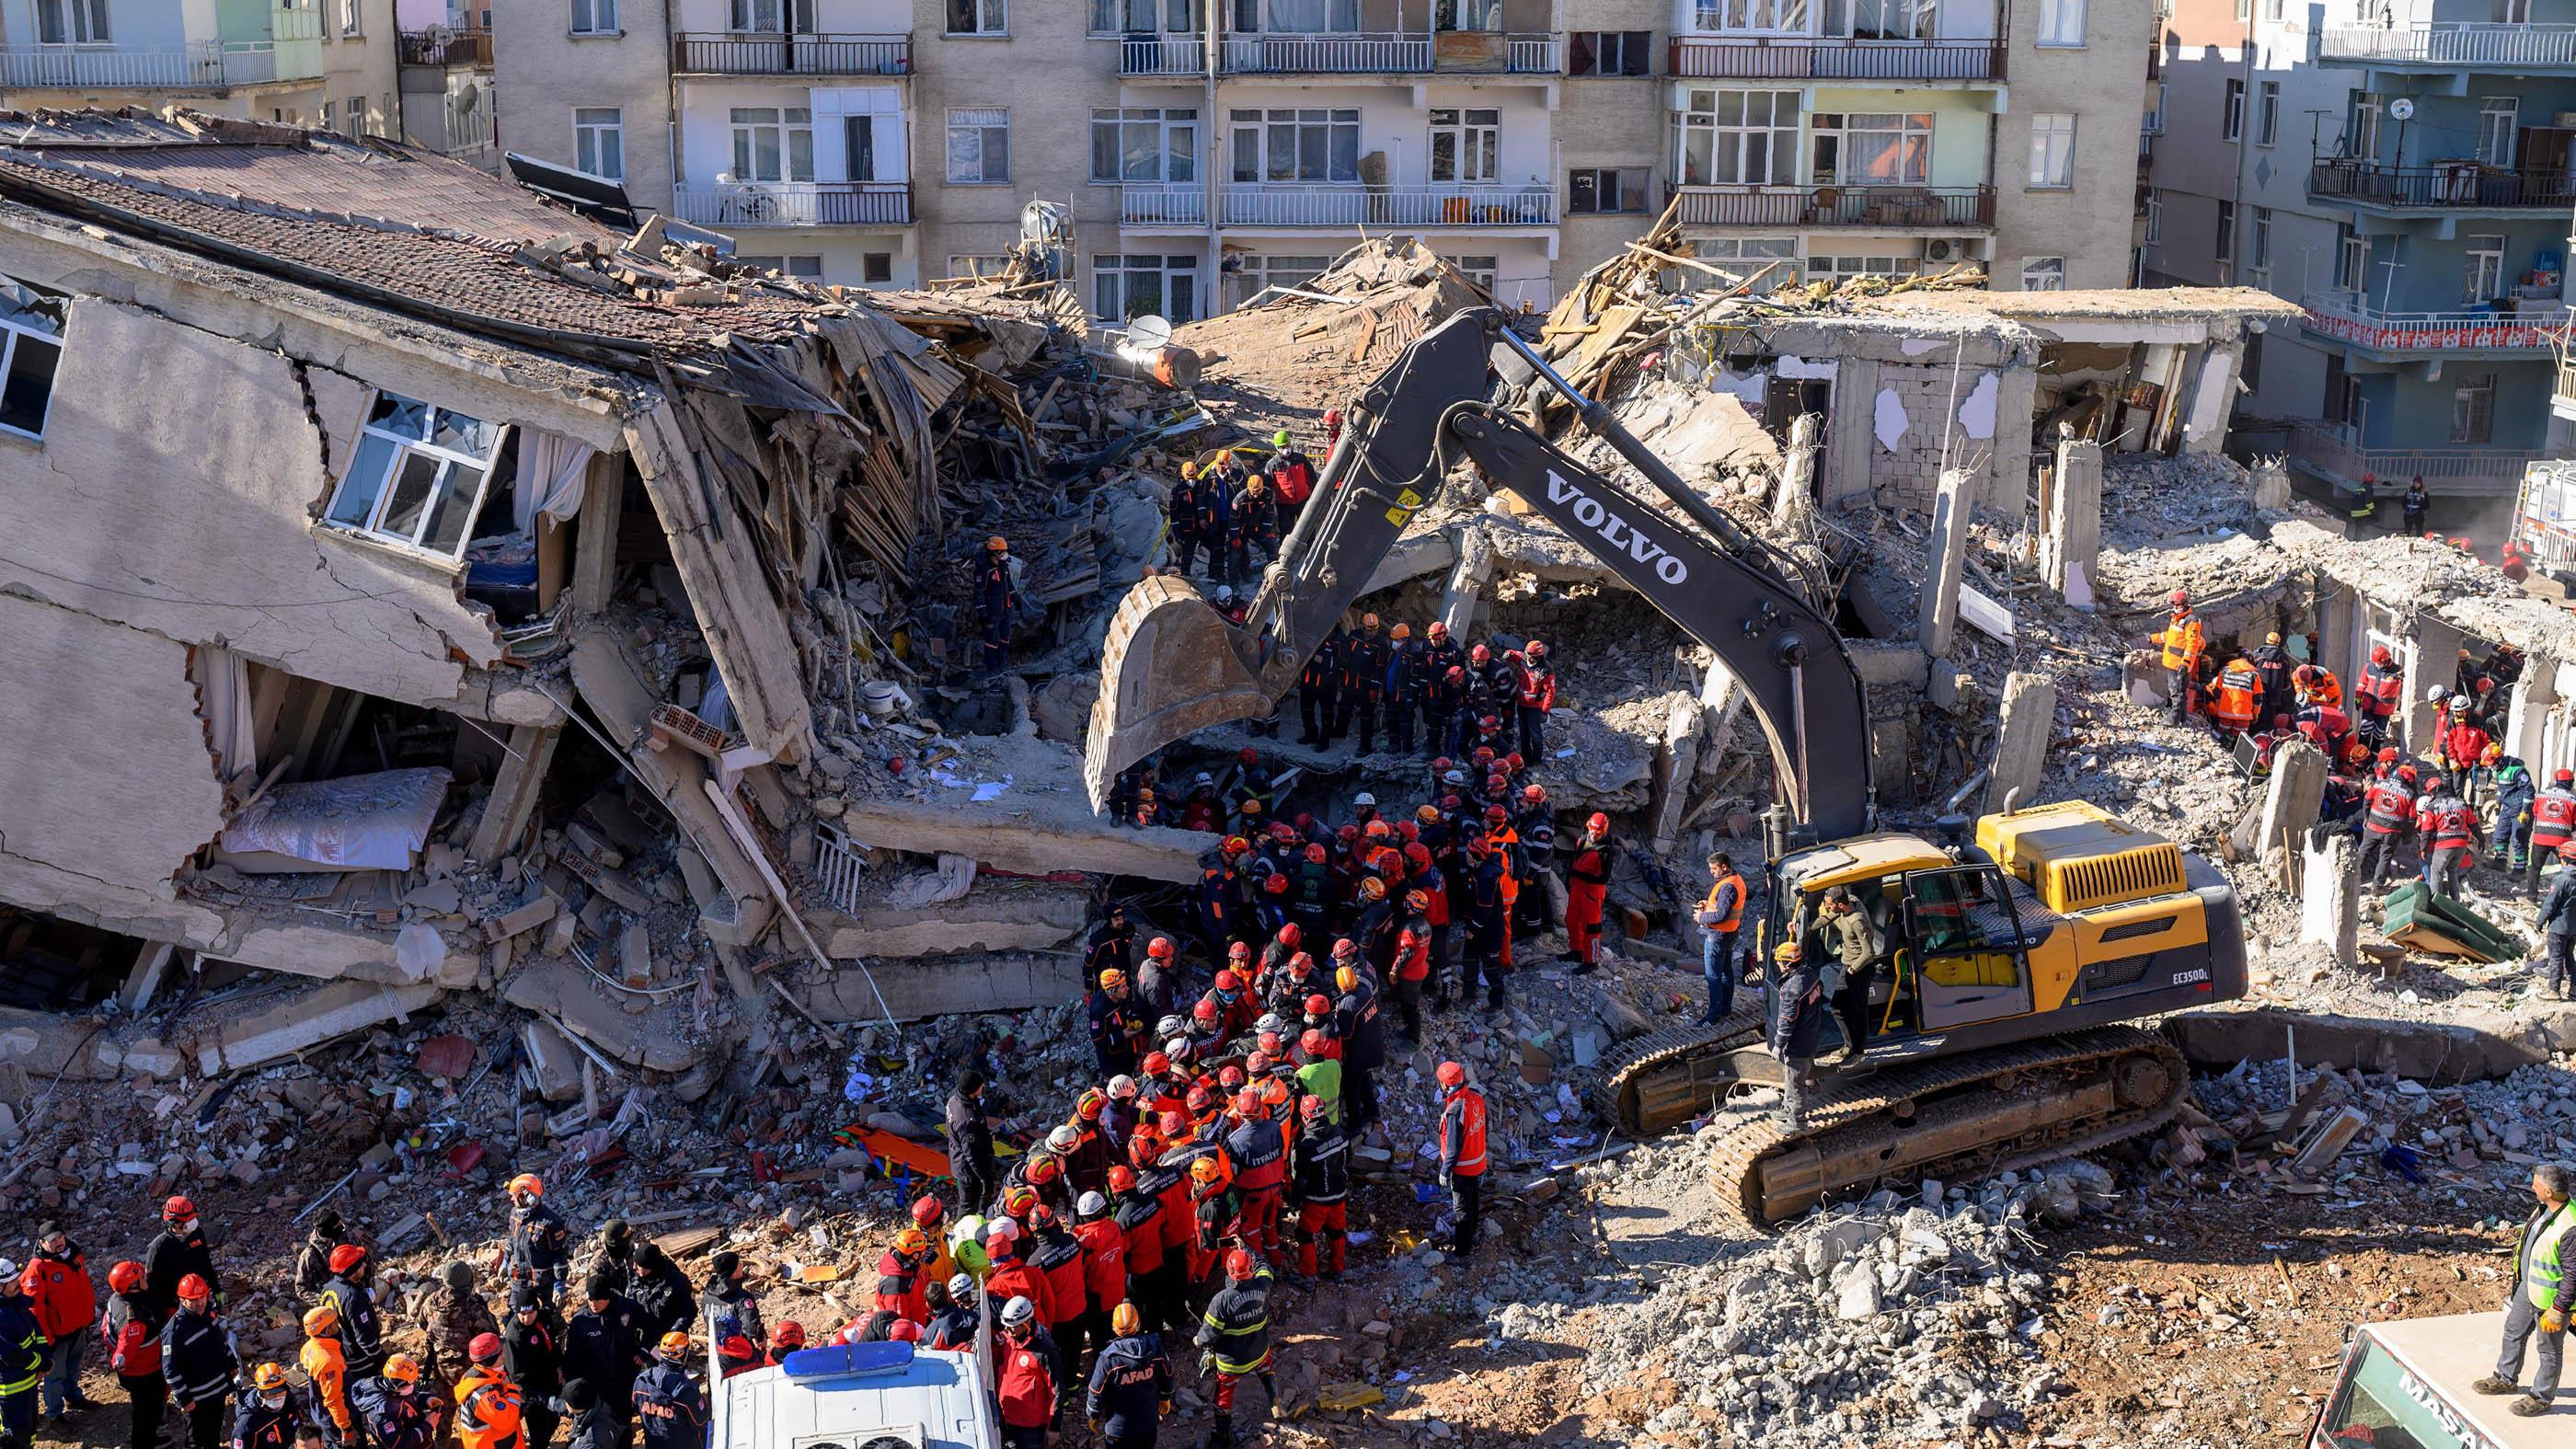 Les secouristes retirent des cadavres des décombres d'un immeuble après un tremblement de terre à Elazig, dans l'est de la Turquie, le 26 janvier 2020.